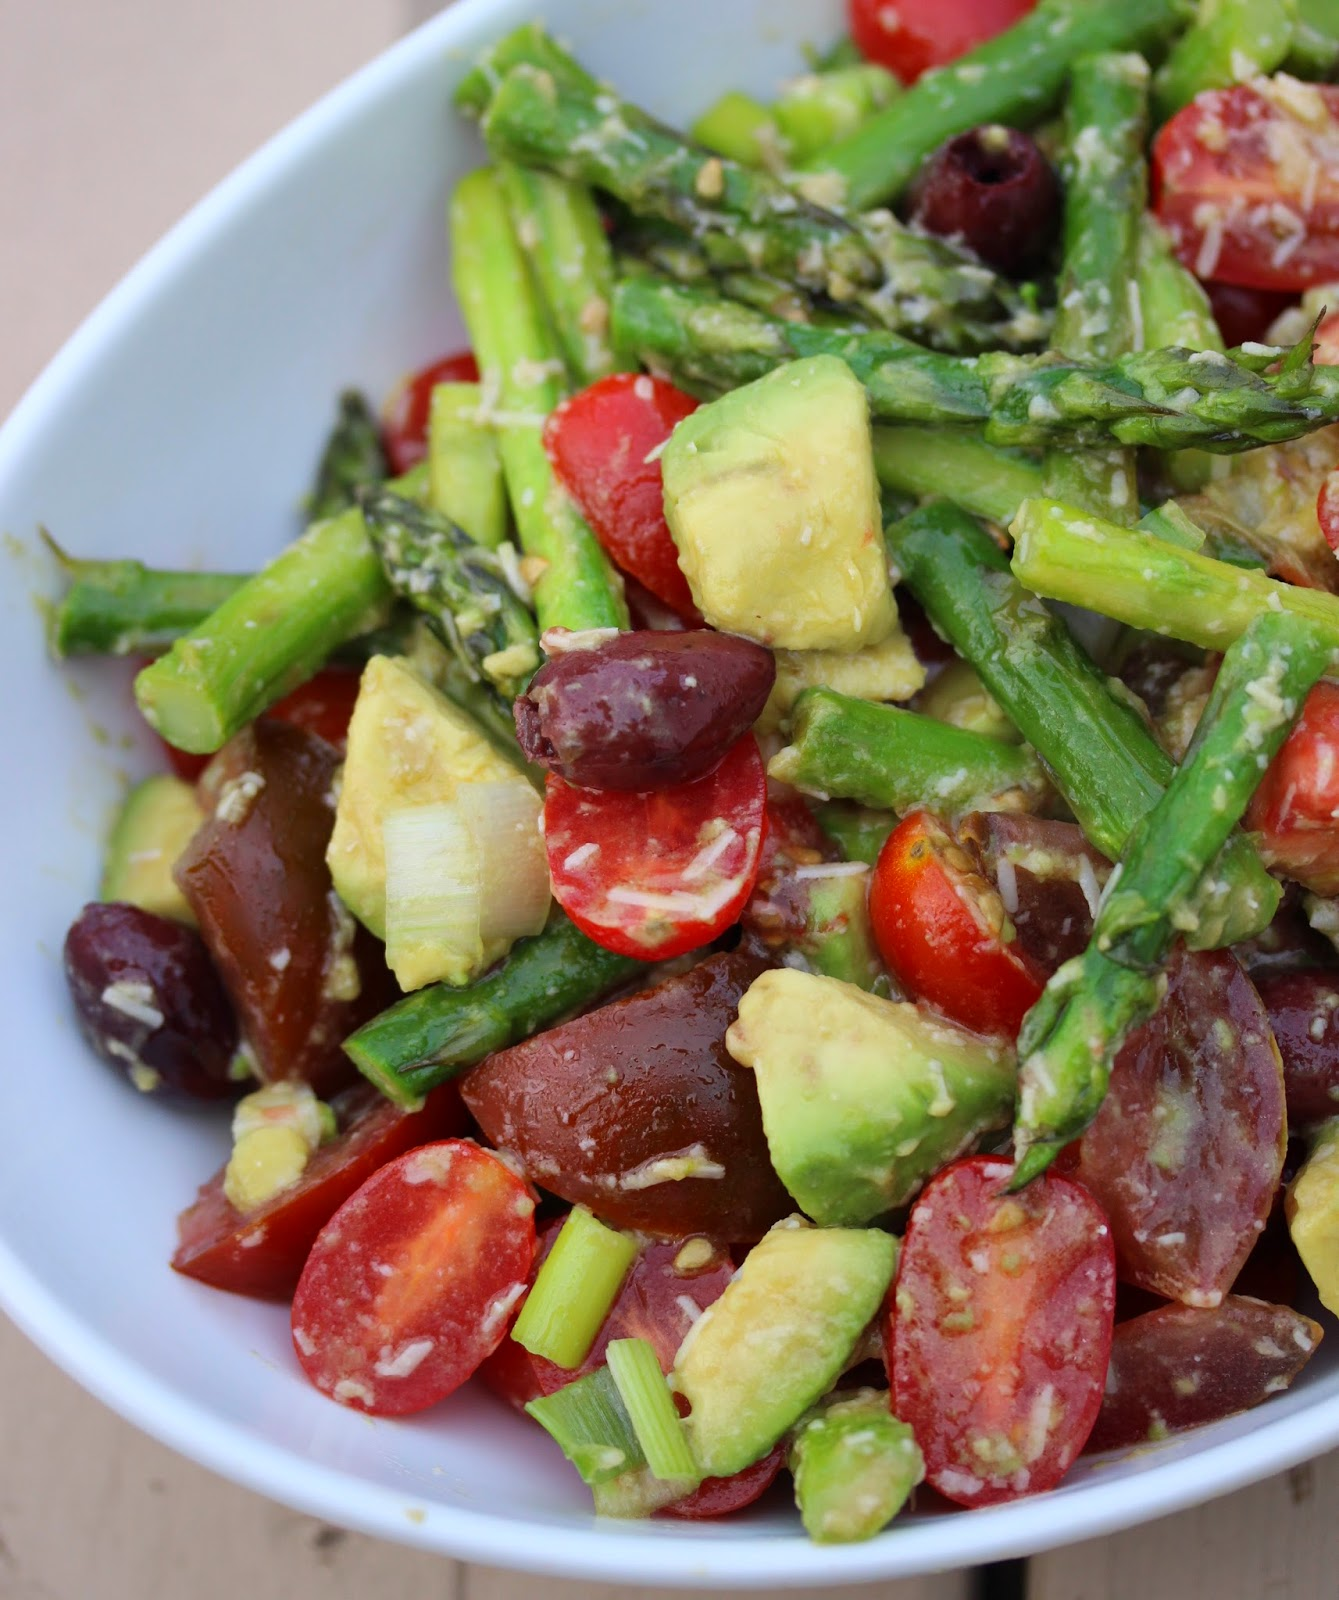 Au gr du march salade d 39 asperges aux tomates l 39 avocat et au parmesan - Idee recette avocat ...